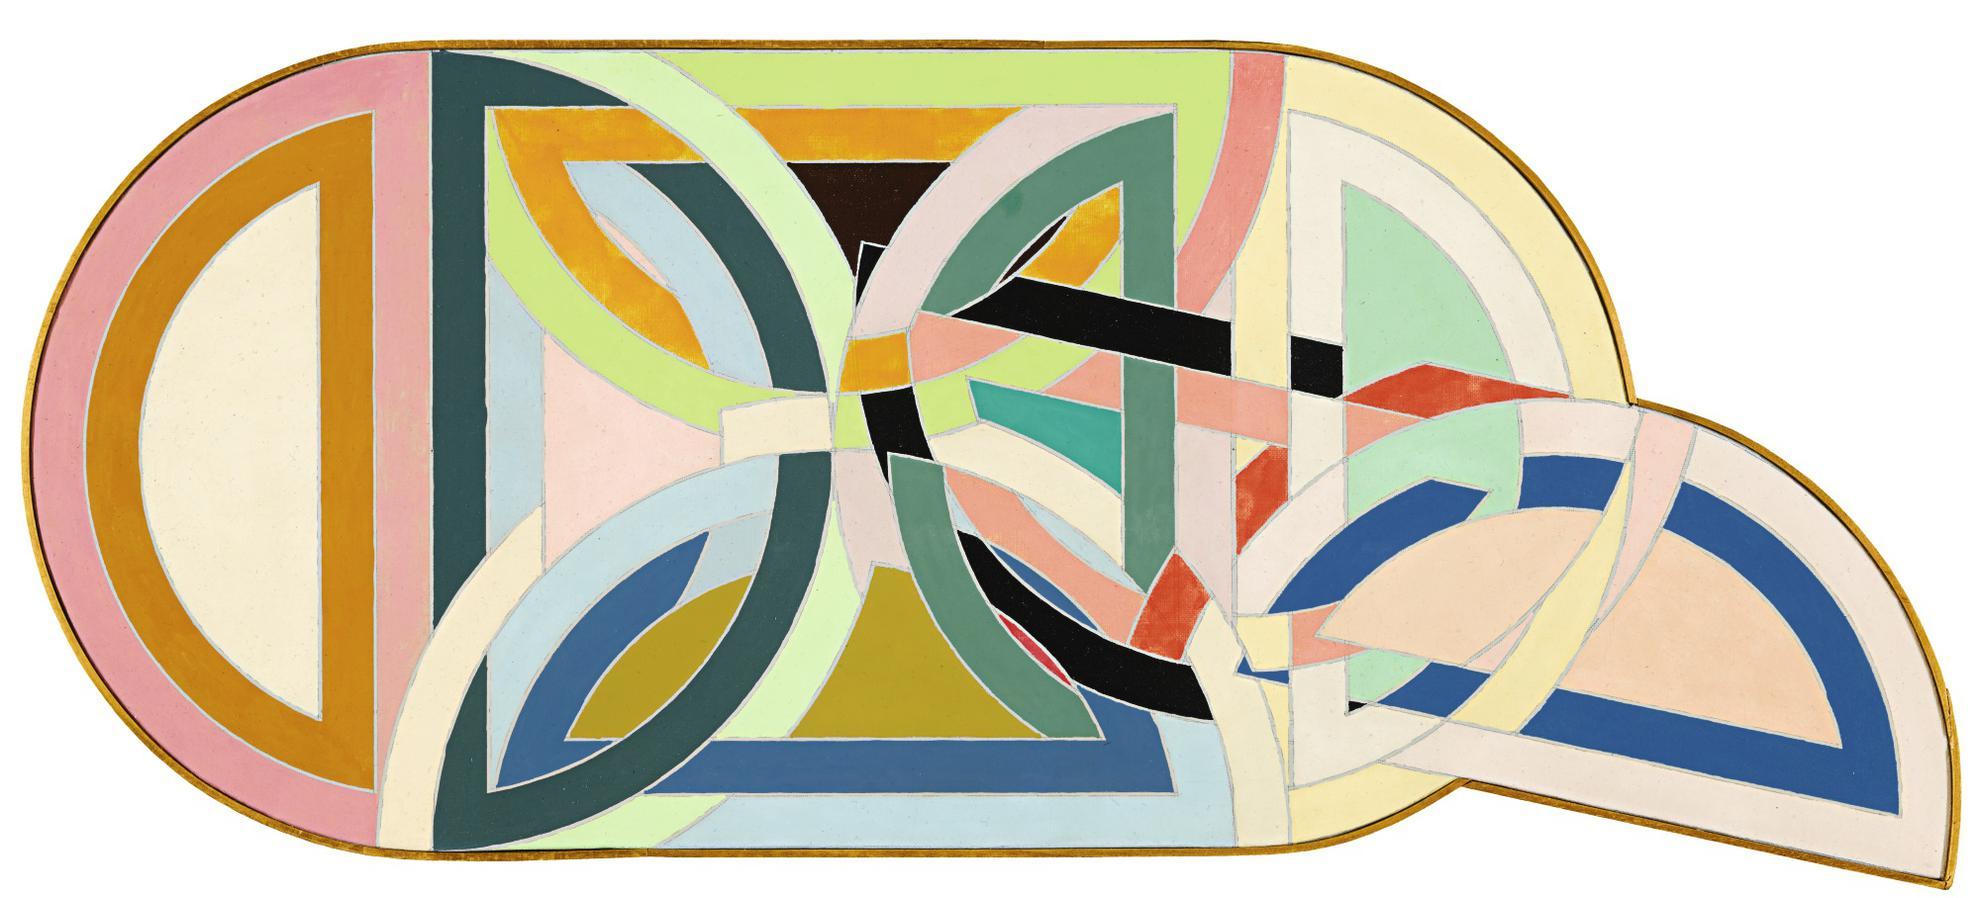 Richard Pettibone-Frank Stella Protractor Configuration #2-1971